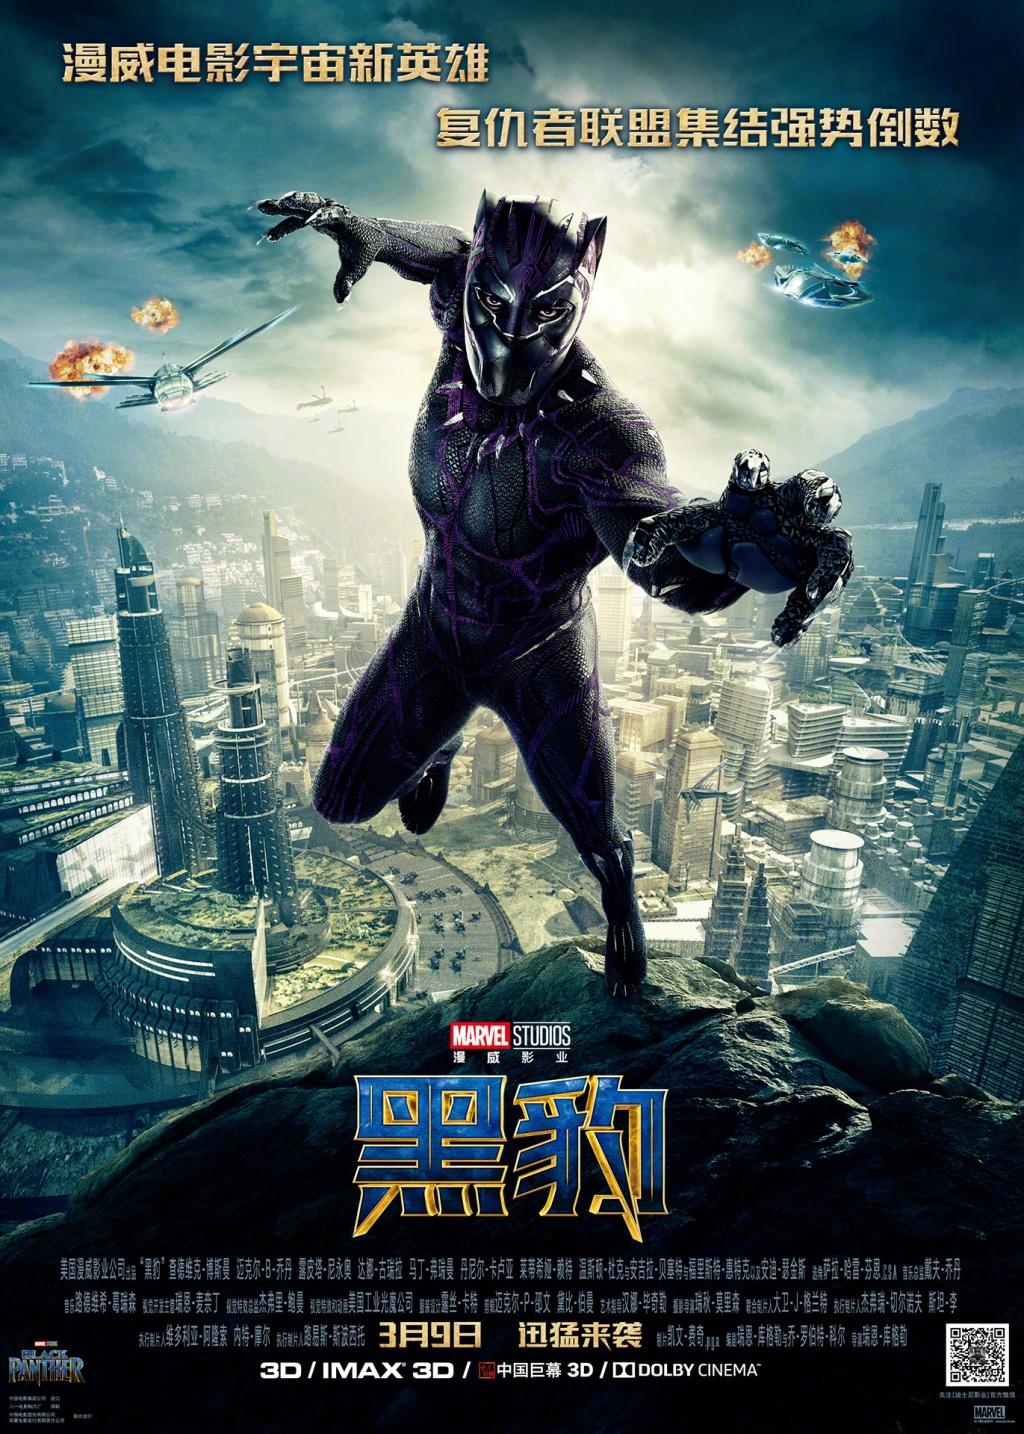 漫威电影《黑豹》定档3月9 中国正式海报预告曝光